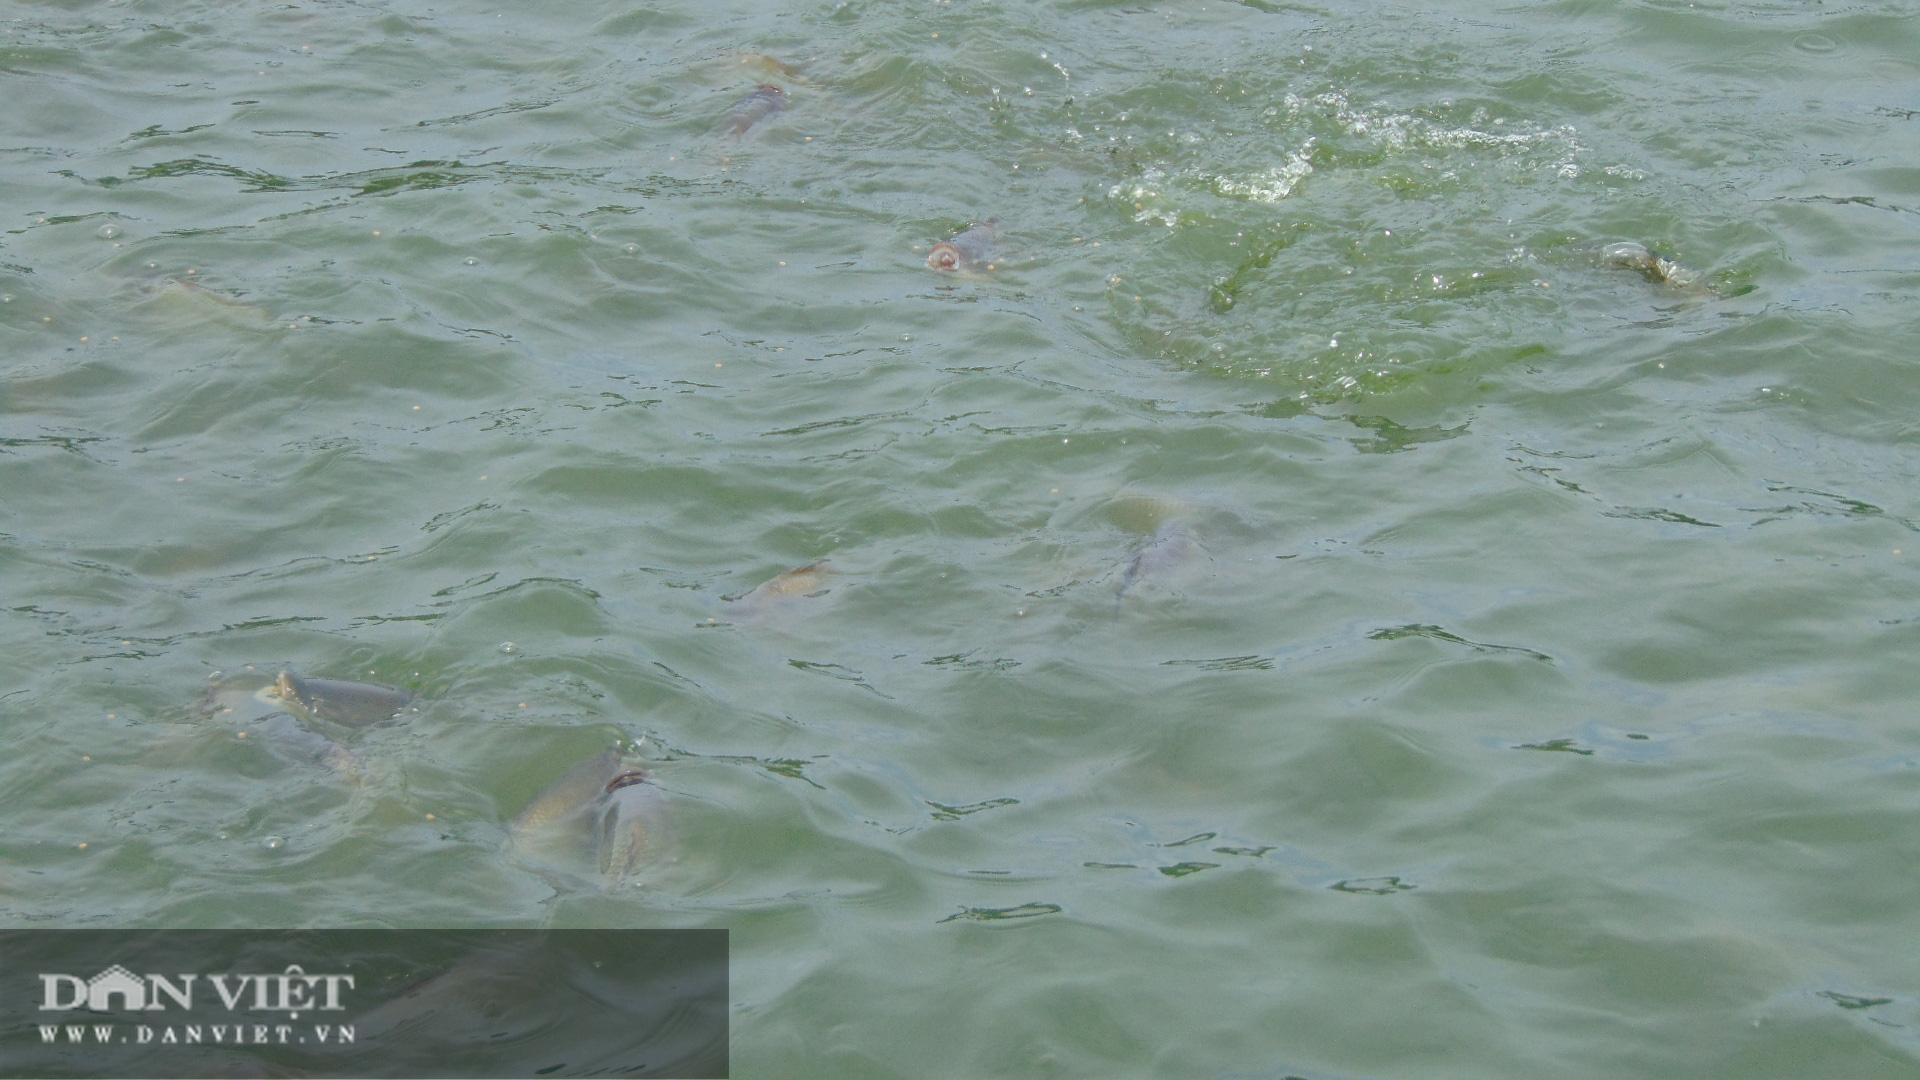 Thái Nguyên: Lão nông thu trăm triệu mỗi năm từ nuôi cá thả ao - Ảnh 3.